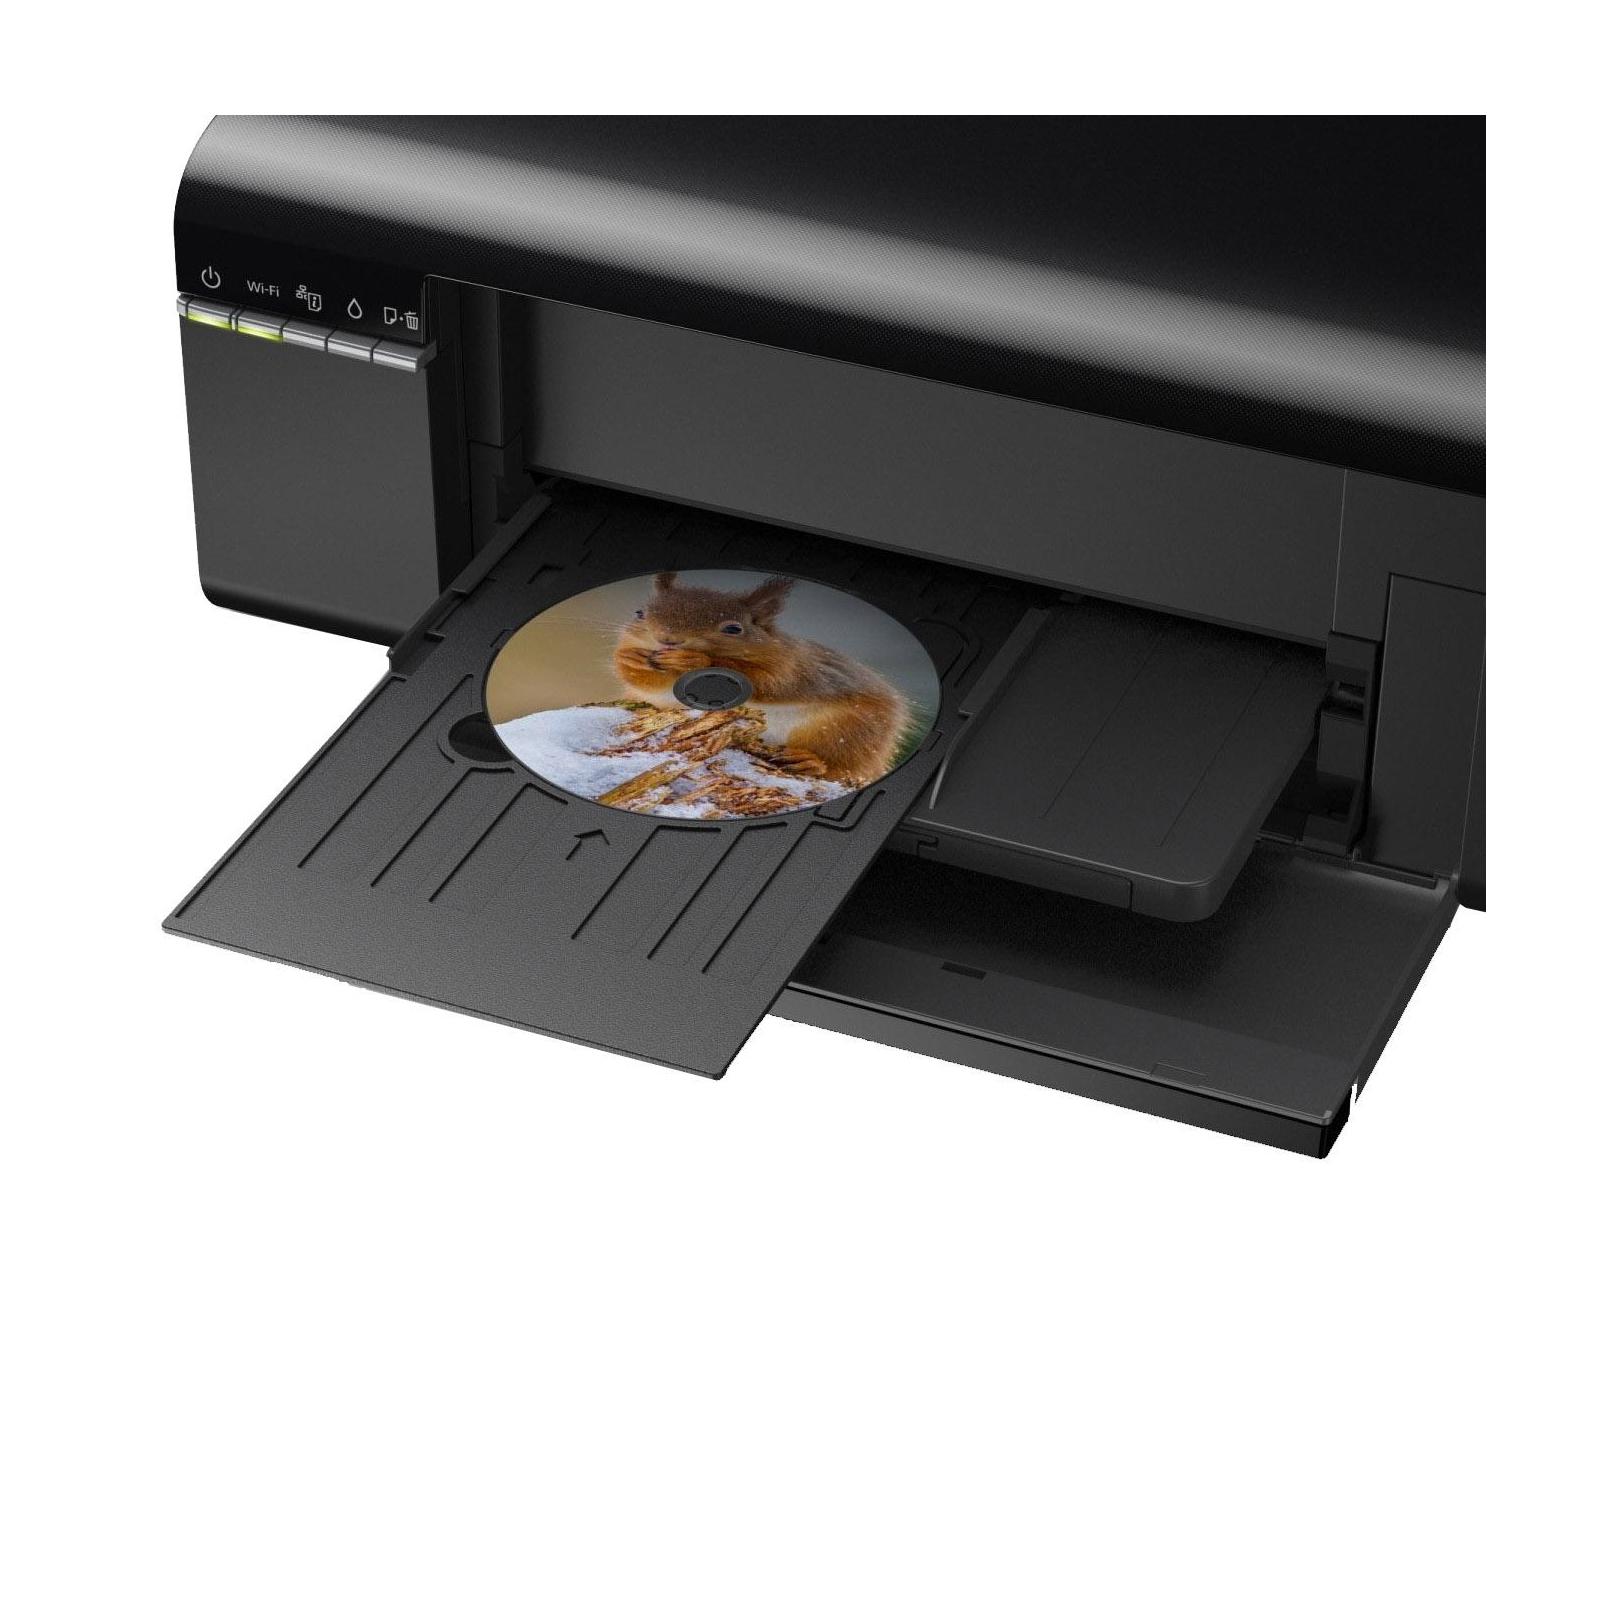 Струйный принтер Epson L805 (C11CE86403) изображение 5